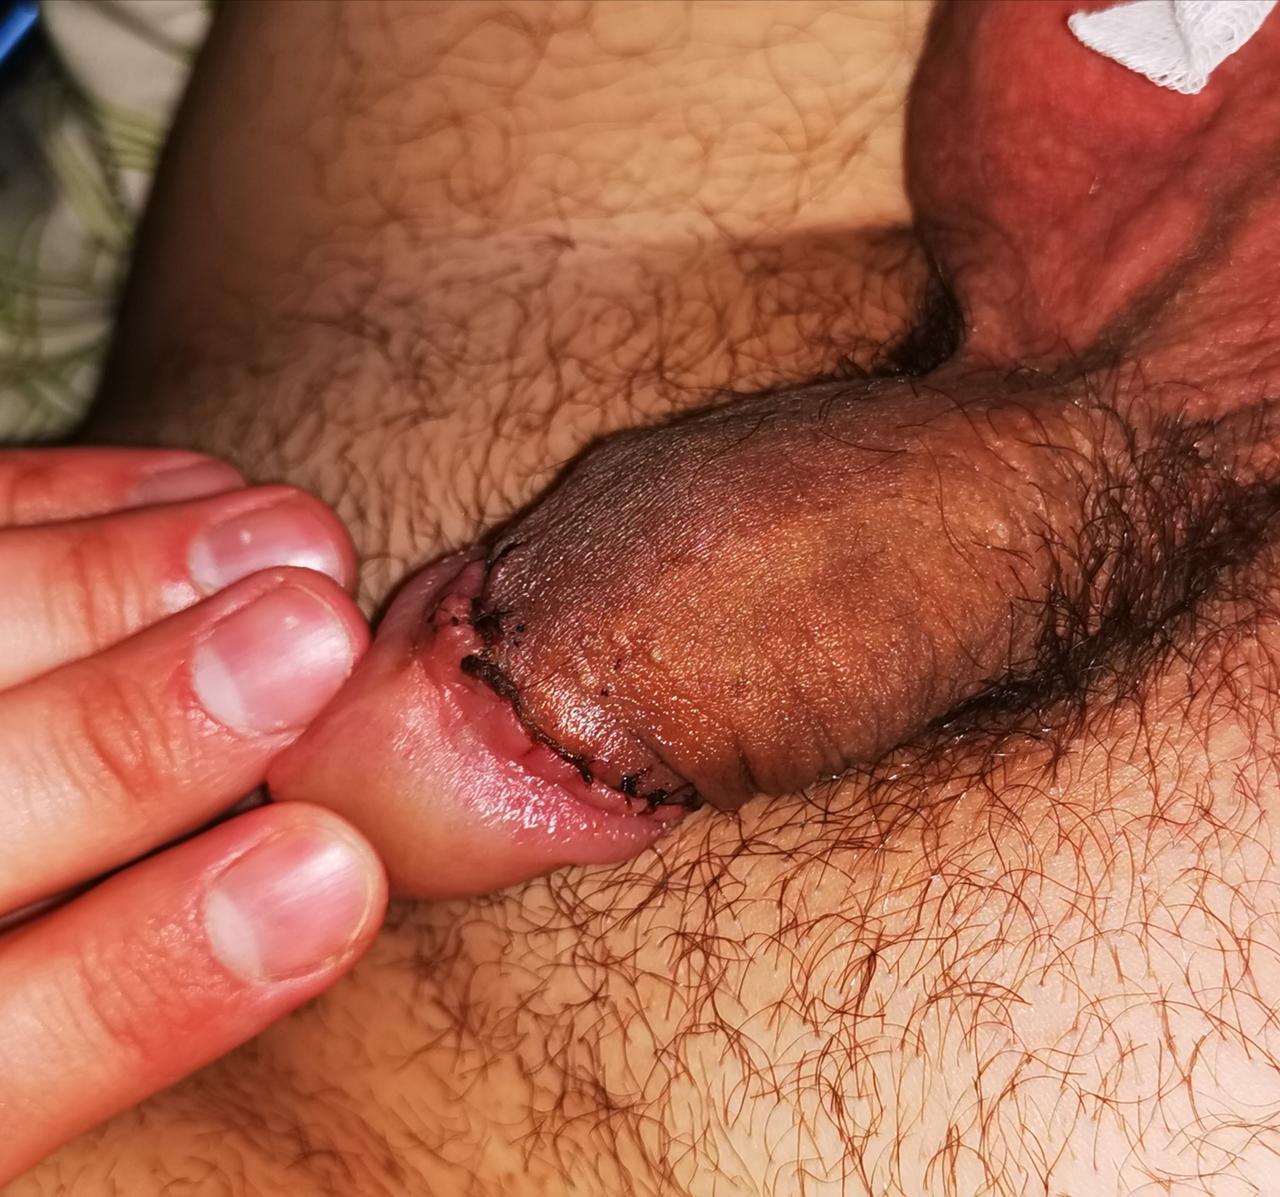 közösülés után a pénisz leesik